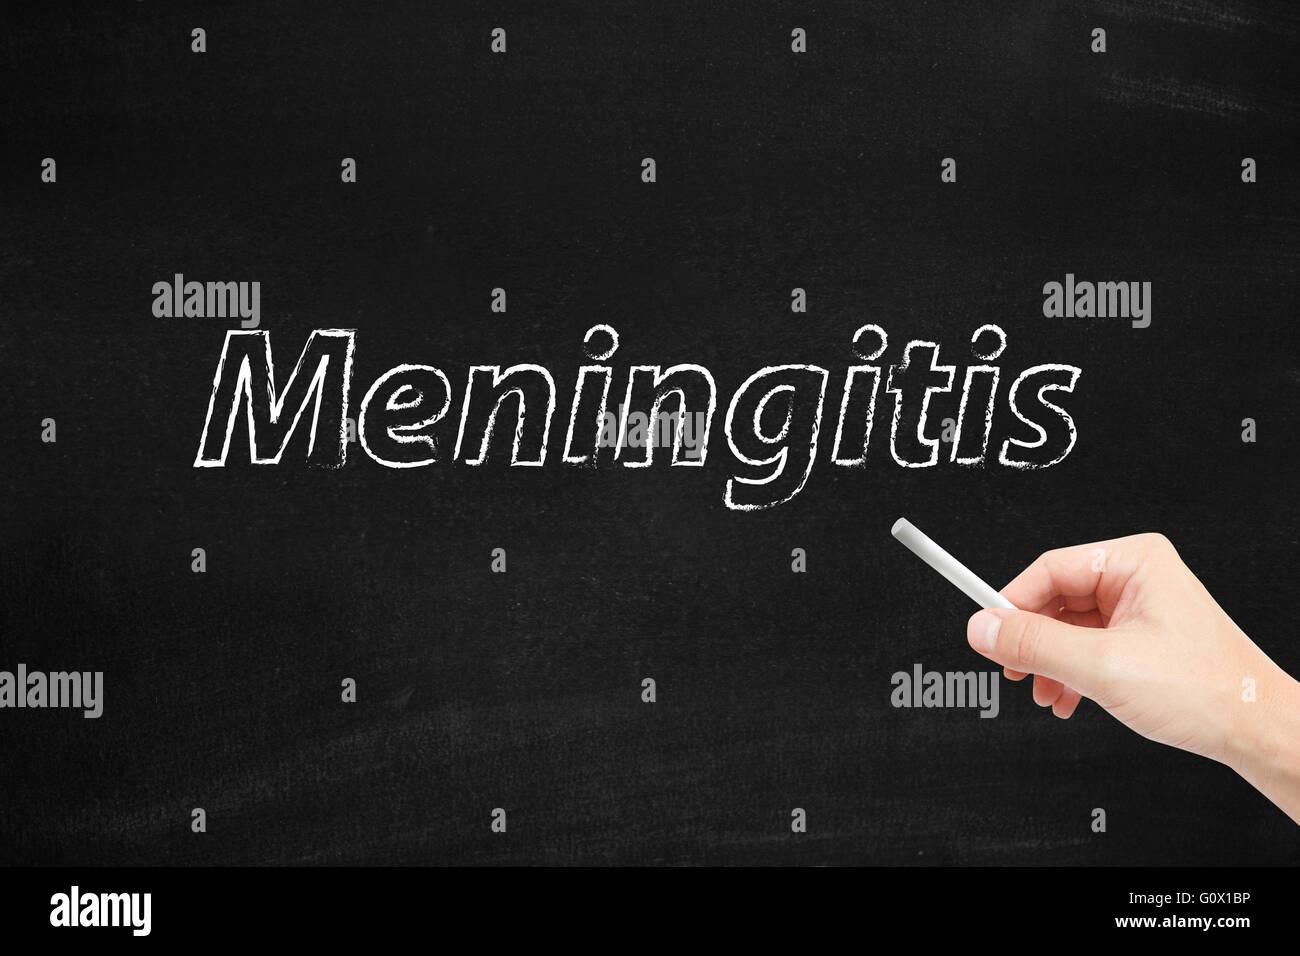 Meningitis written on a blackboard - Stock Image